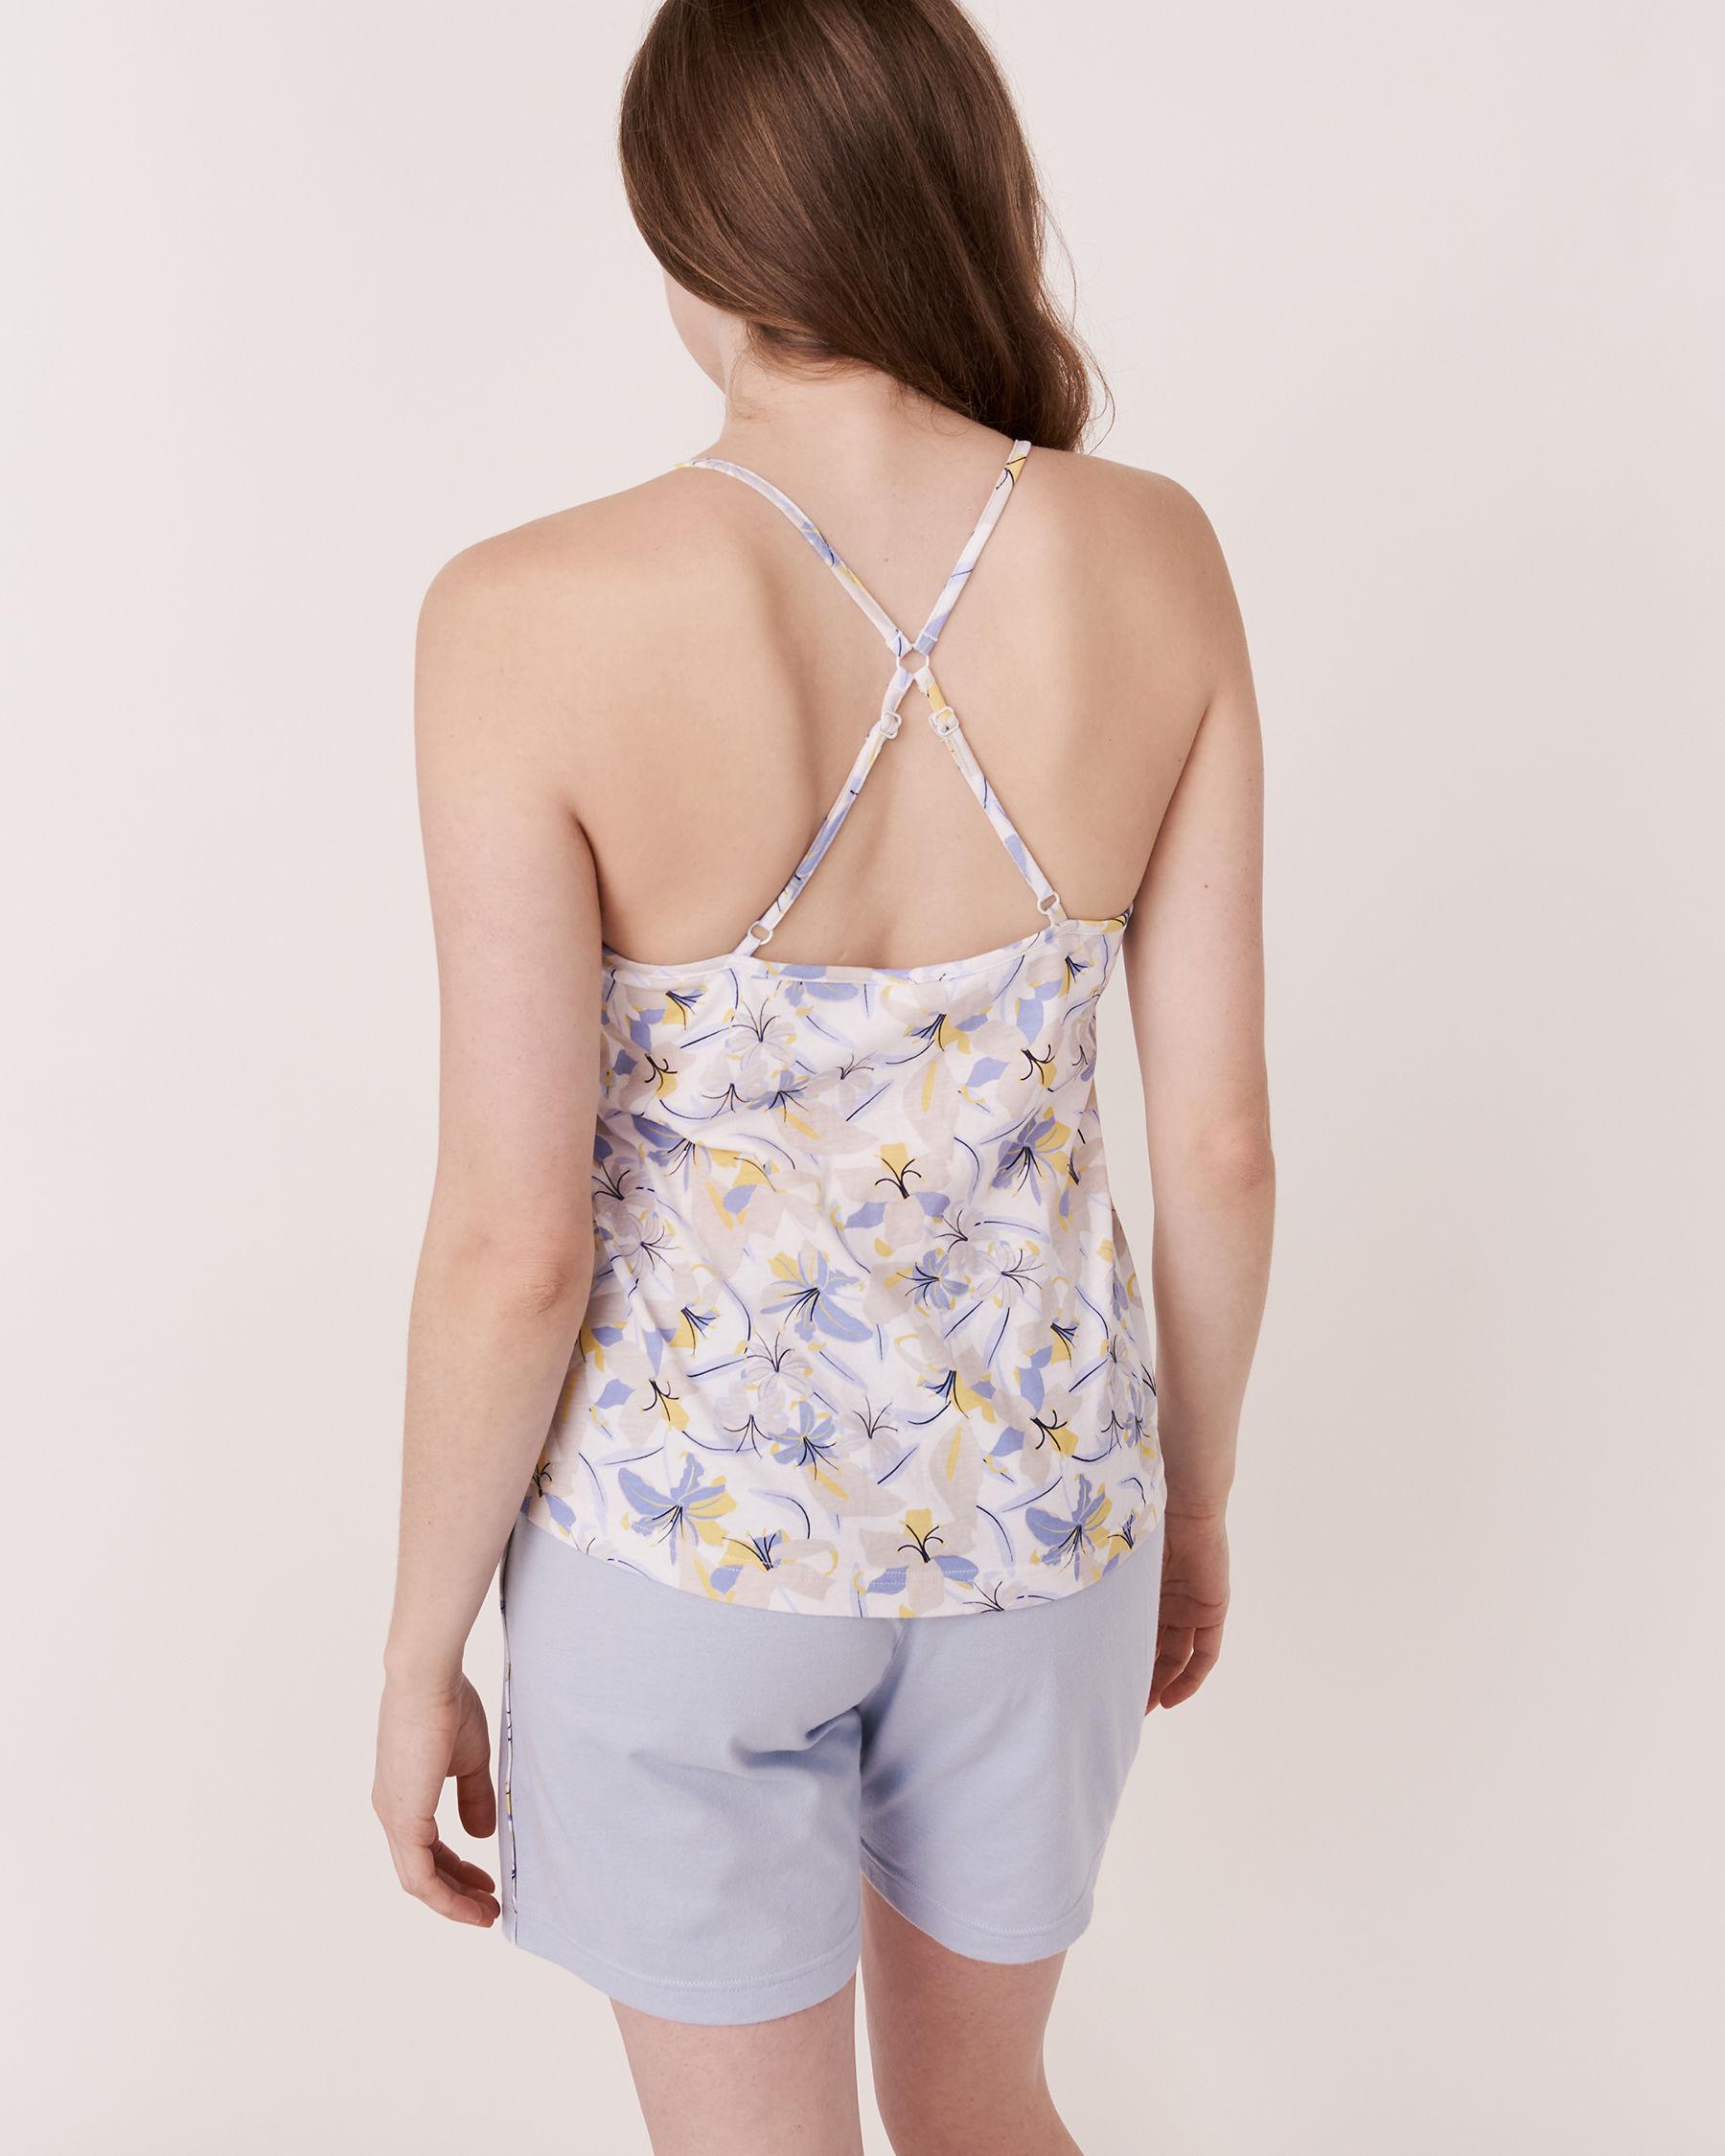 LA VIE EN ROSE Camisole dos nageur pétales 3D Imprimé floral 40100011 - Voir2